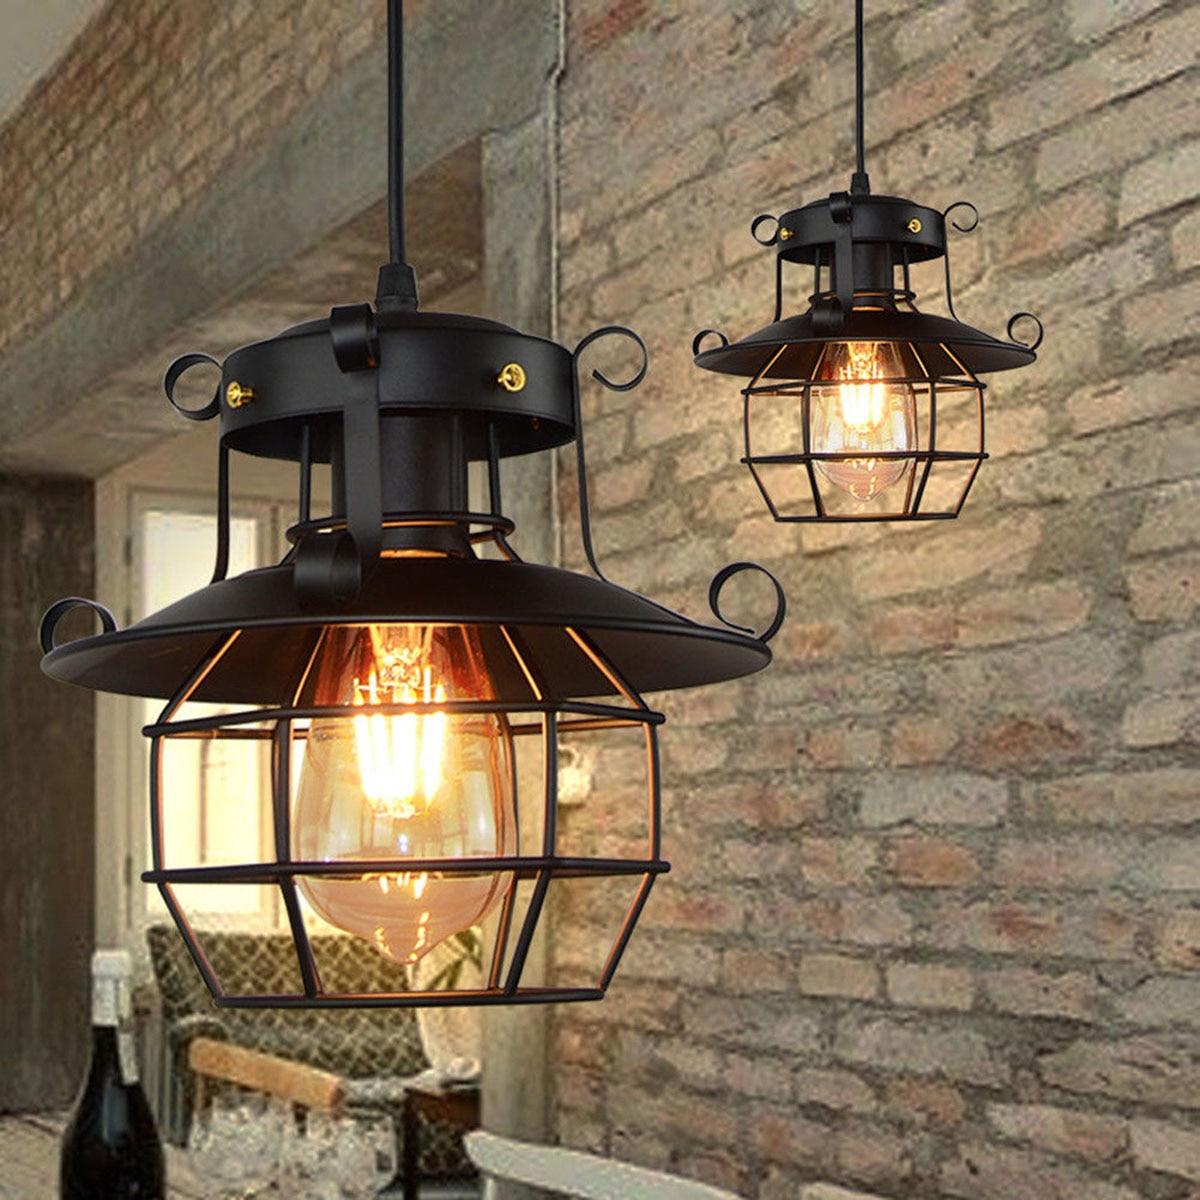 Vintage Pendant Light Metal Industrial Lamp Ceiling Light Chandelier Fixtures Cage Edison Nordic Retro Loft Lamp Home Decoration